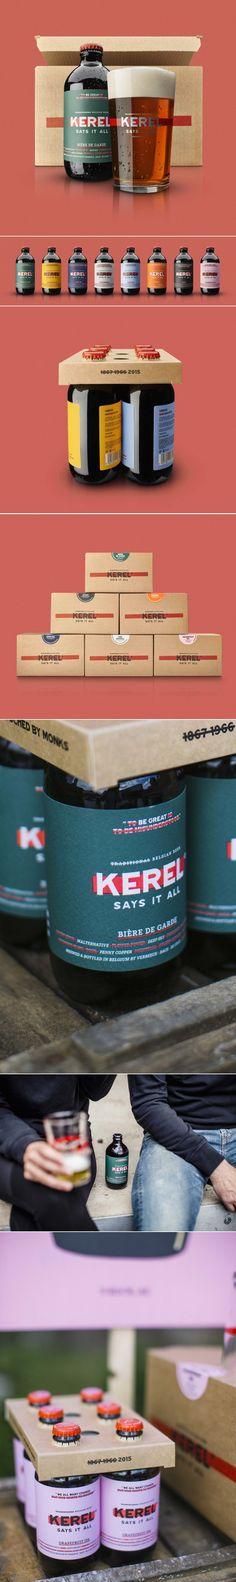 This Historic Belgian Beer Gets a Sleek Modern Update — The Dieline | Packaging & Branding Design & Innovation News